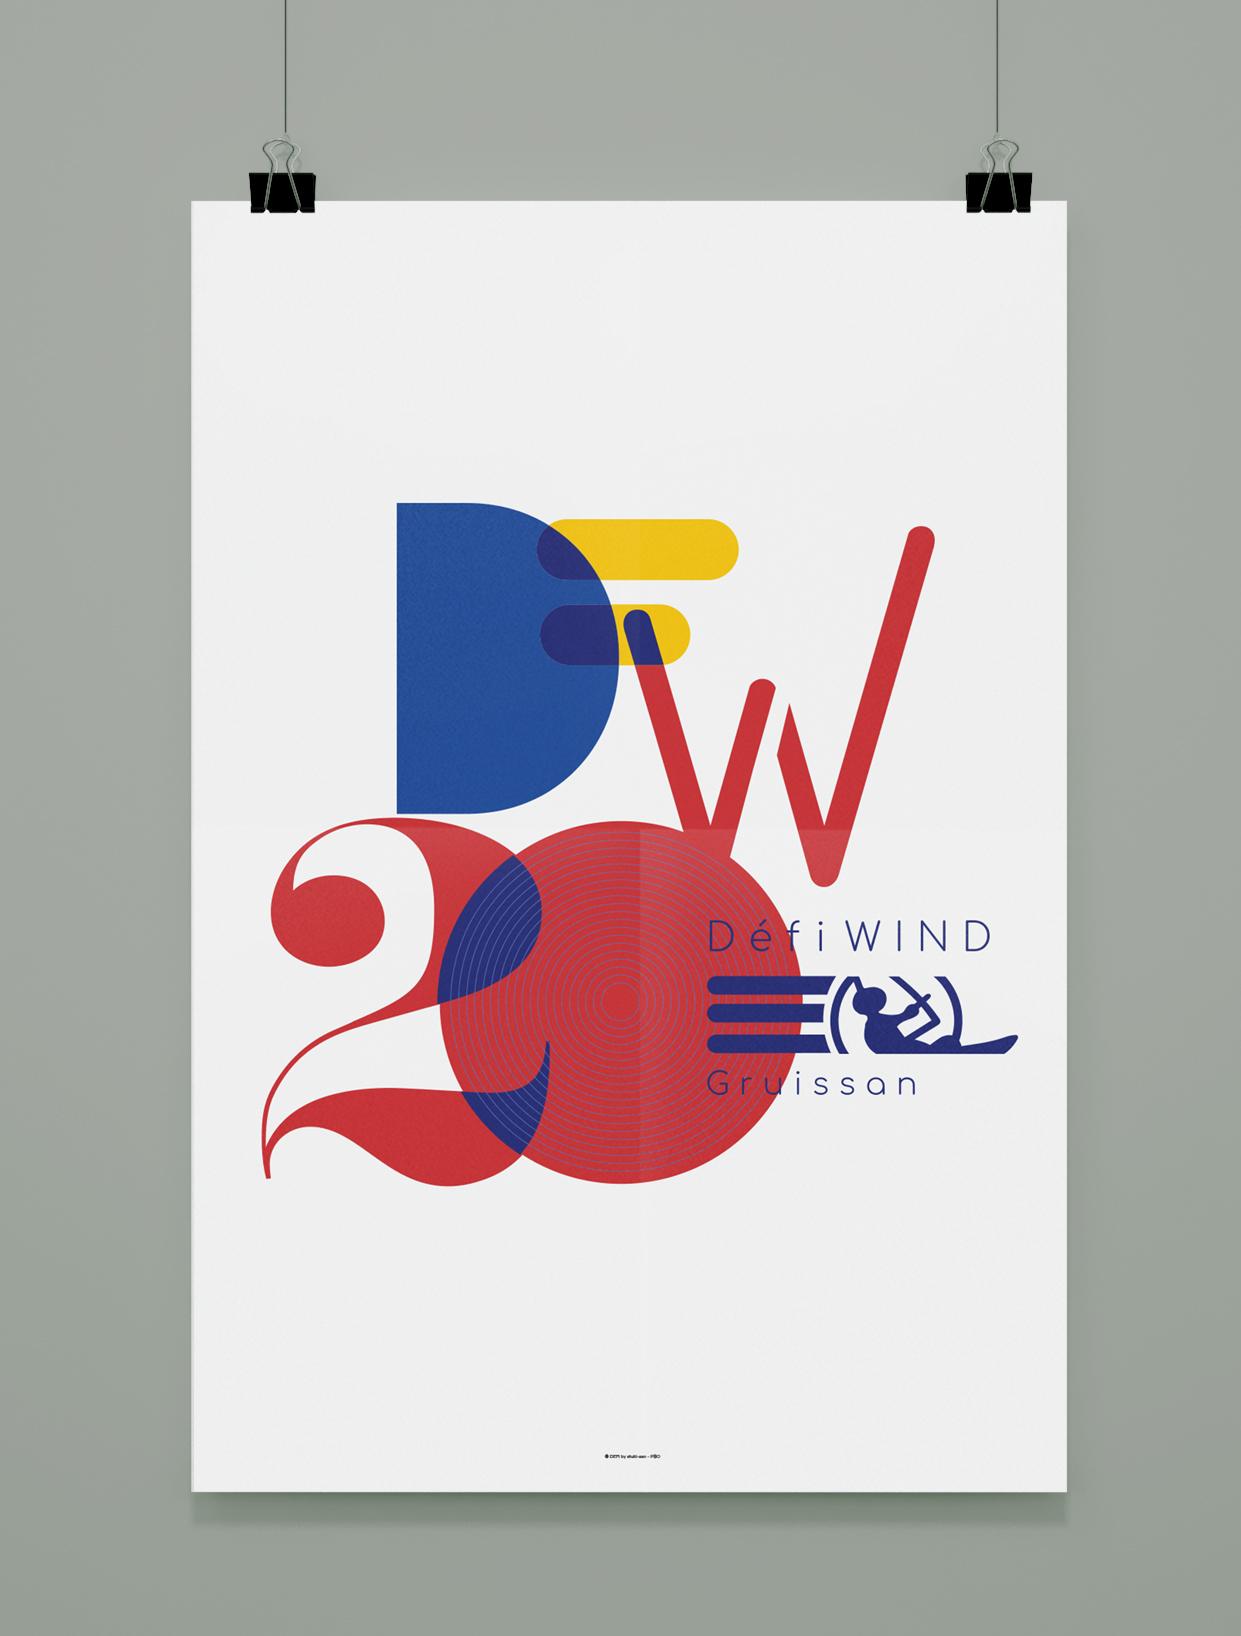 affiche-defiwind20